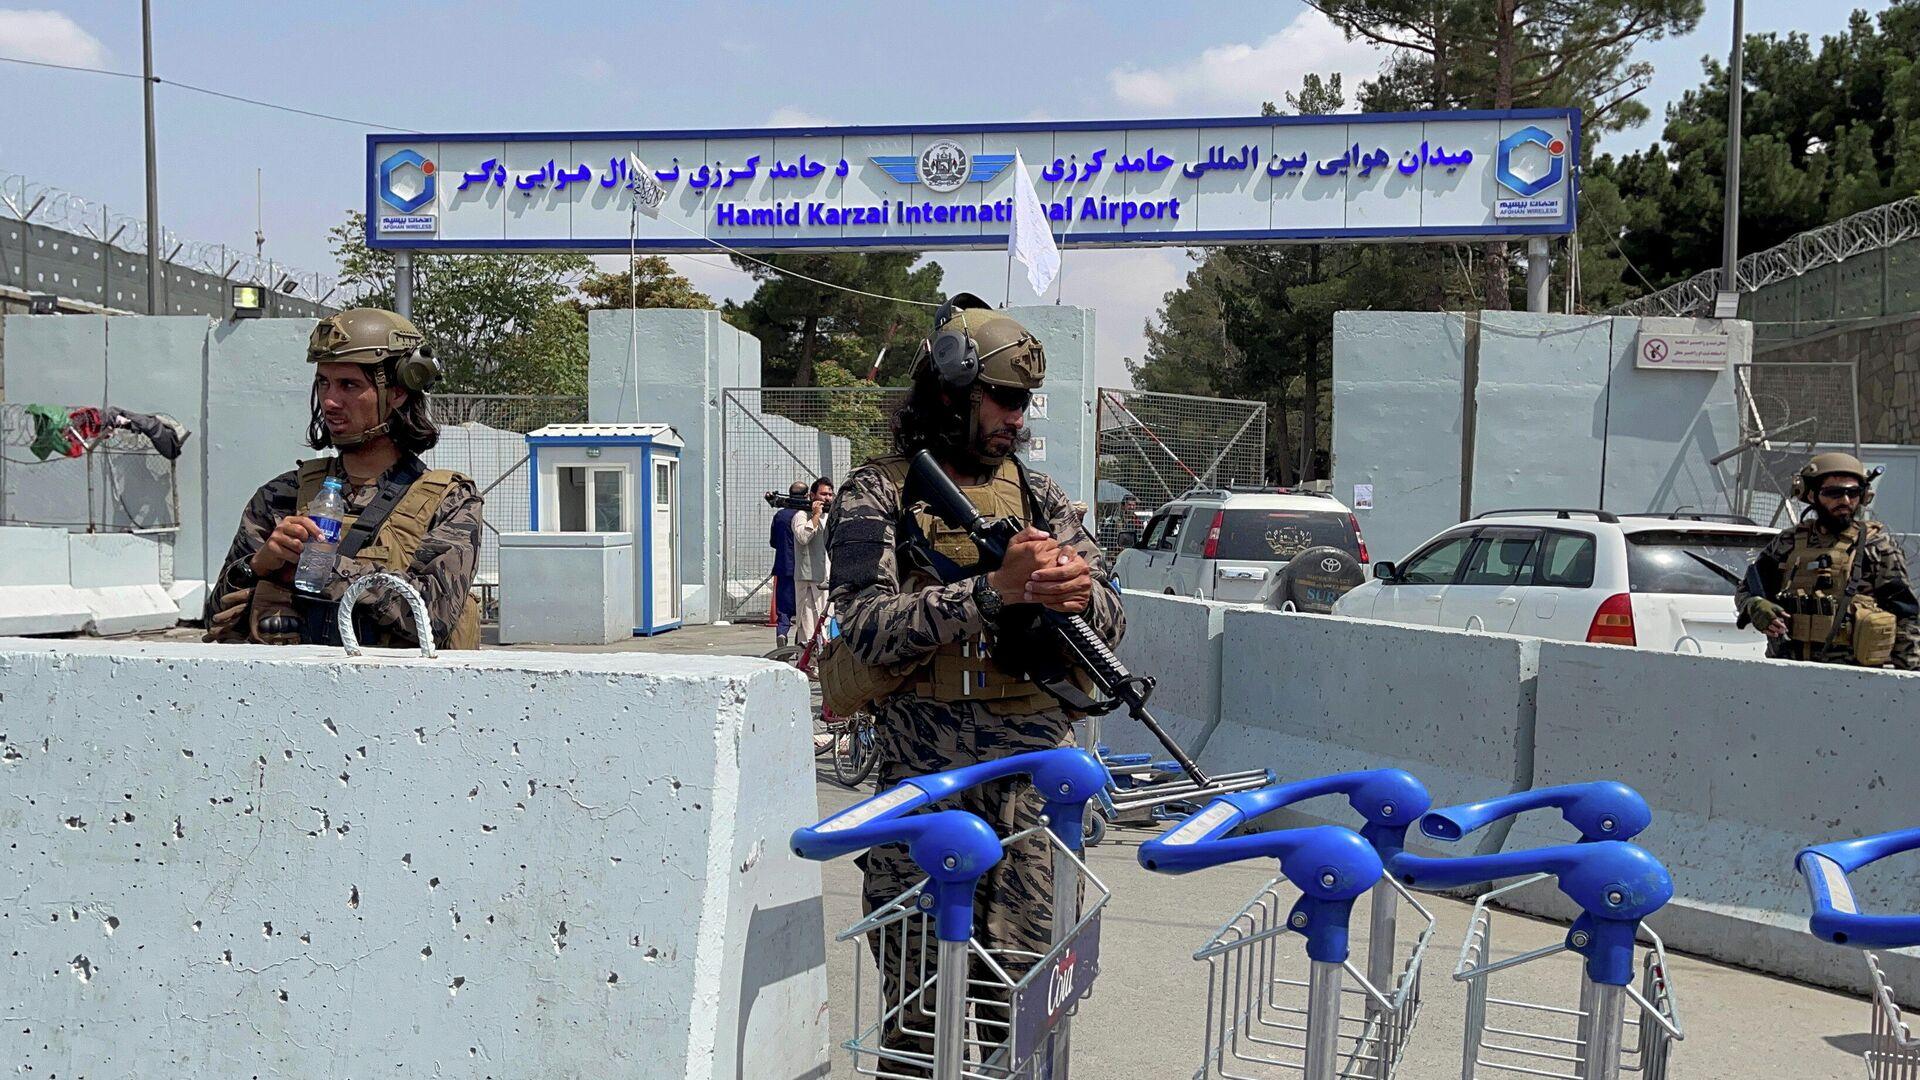 Члены Талибана* у въезда в аэропорт Хамида Карзая в Кабуле после вывода американских войск - РИА Новости, 1920, 09.09.2021